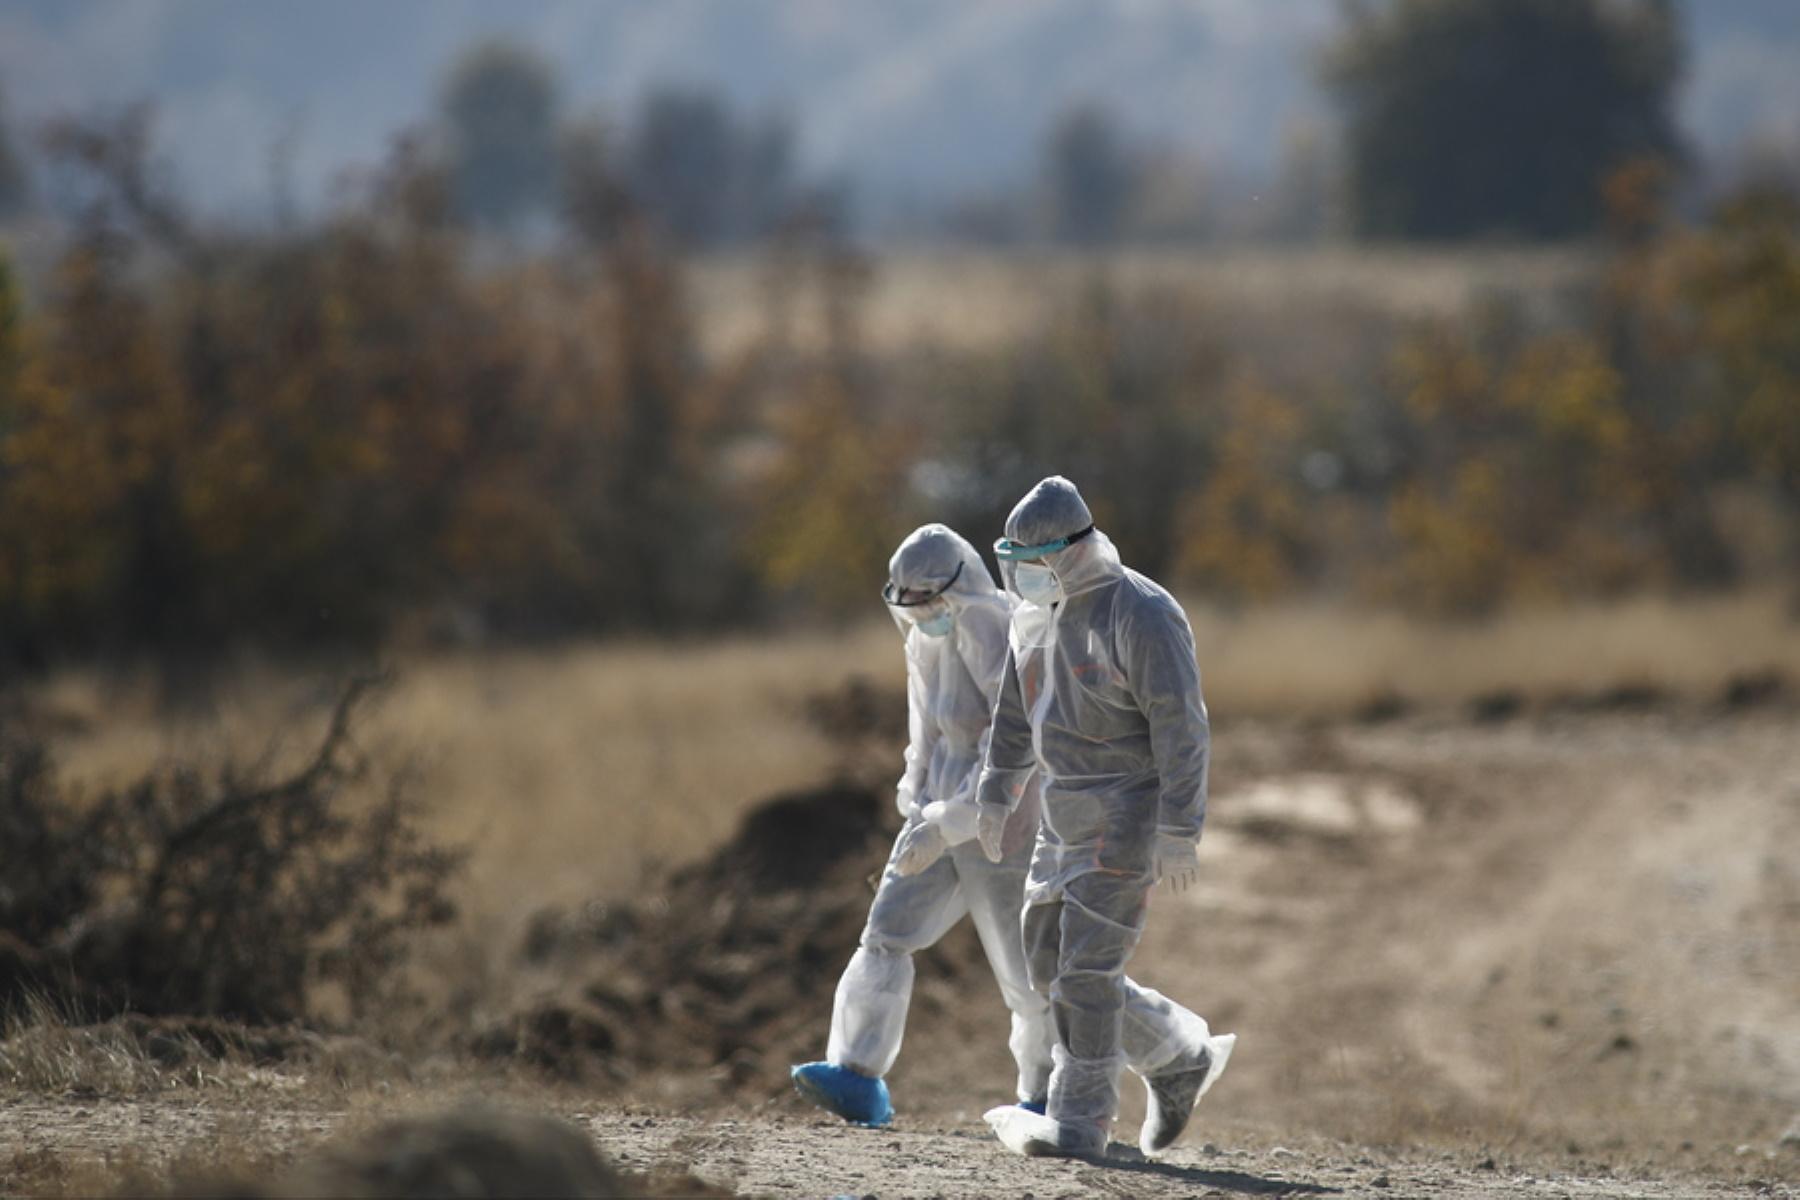 Καστοριά: Με κορονοϊό δύο εργαζόμενοι σε φάρμα γουνοφόρων ζώων – Δεν θα θανατωθούν άλλα μινκ